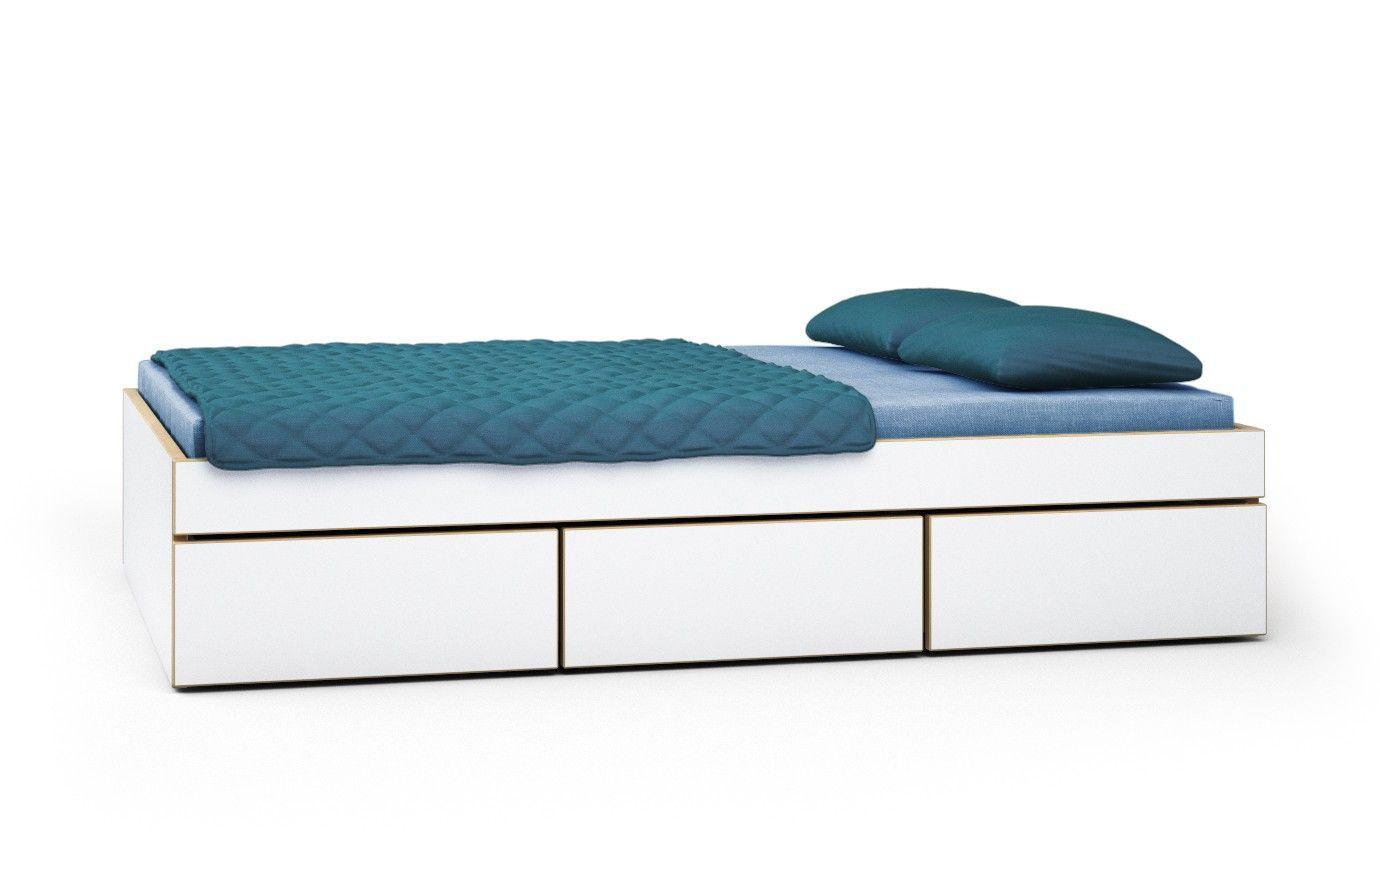 ahorn bett affordable bett bett x oskar eiche gelt dnisches bettenlager bett x with ahorn bett. Black Bedroom Furniture Sets. Home Design Ideas